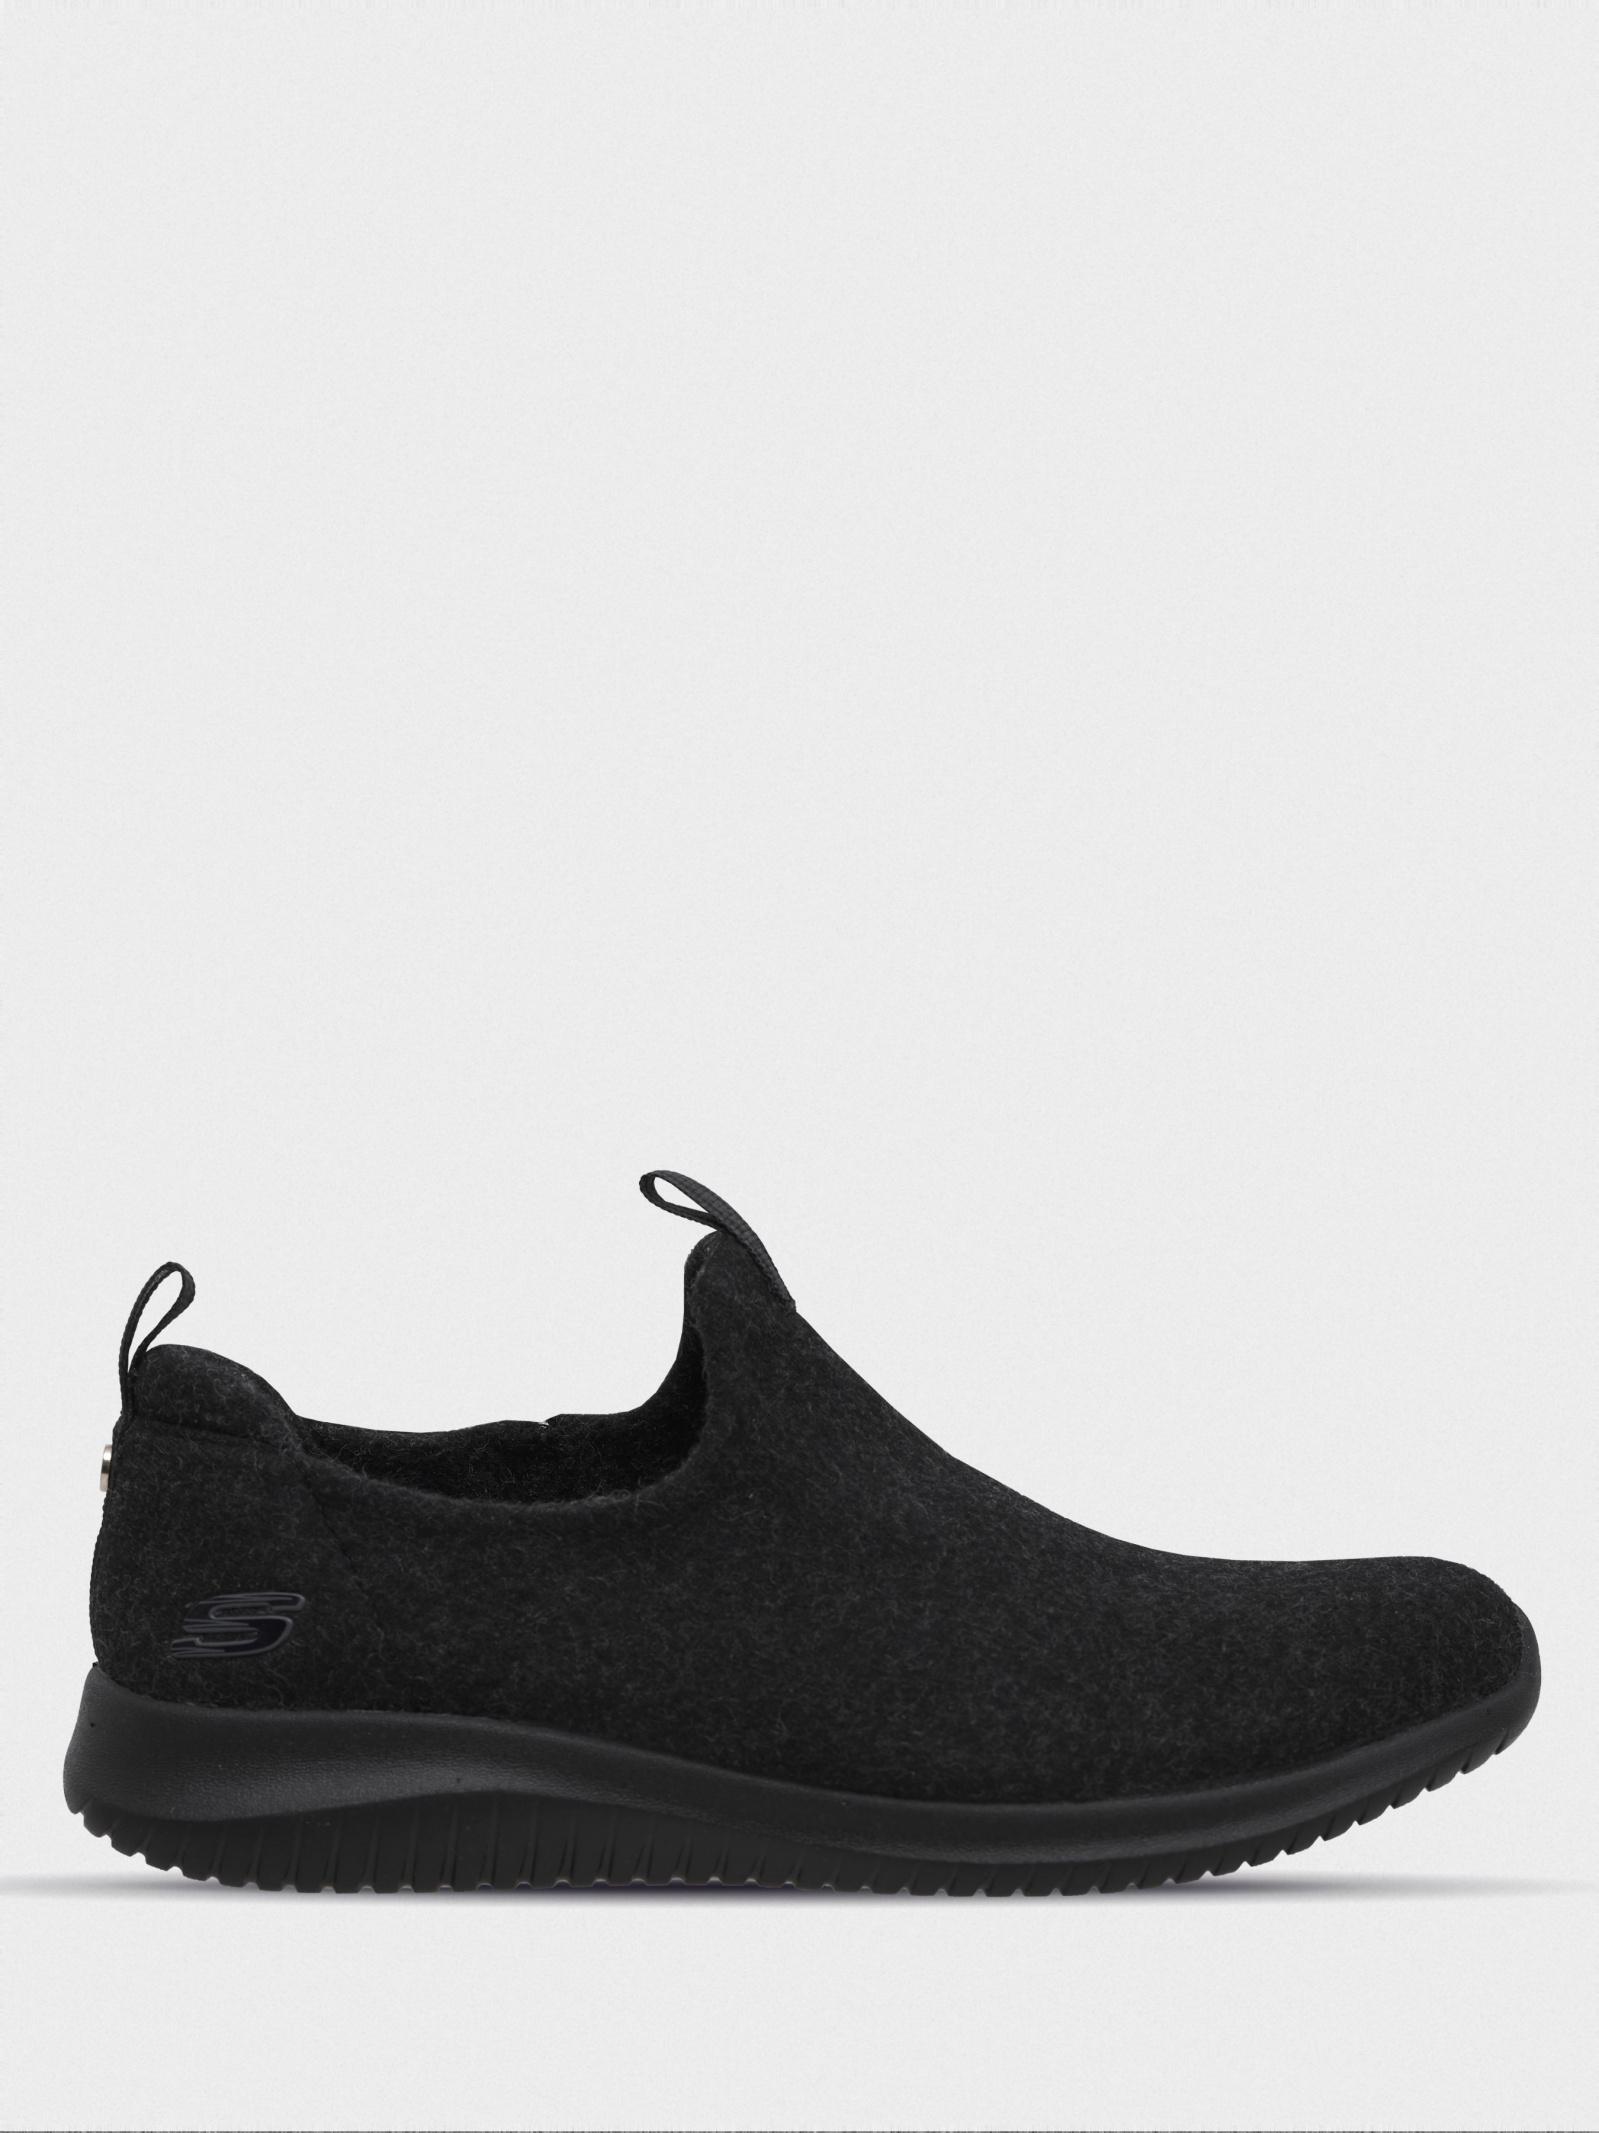 Кроссовки женские Skechers KW5228 размерная сетка обуви, 2017